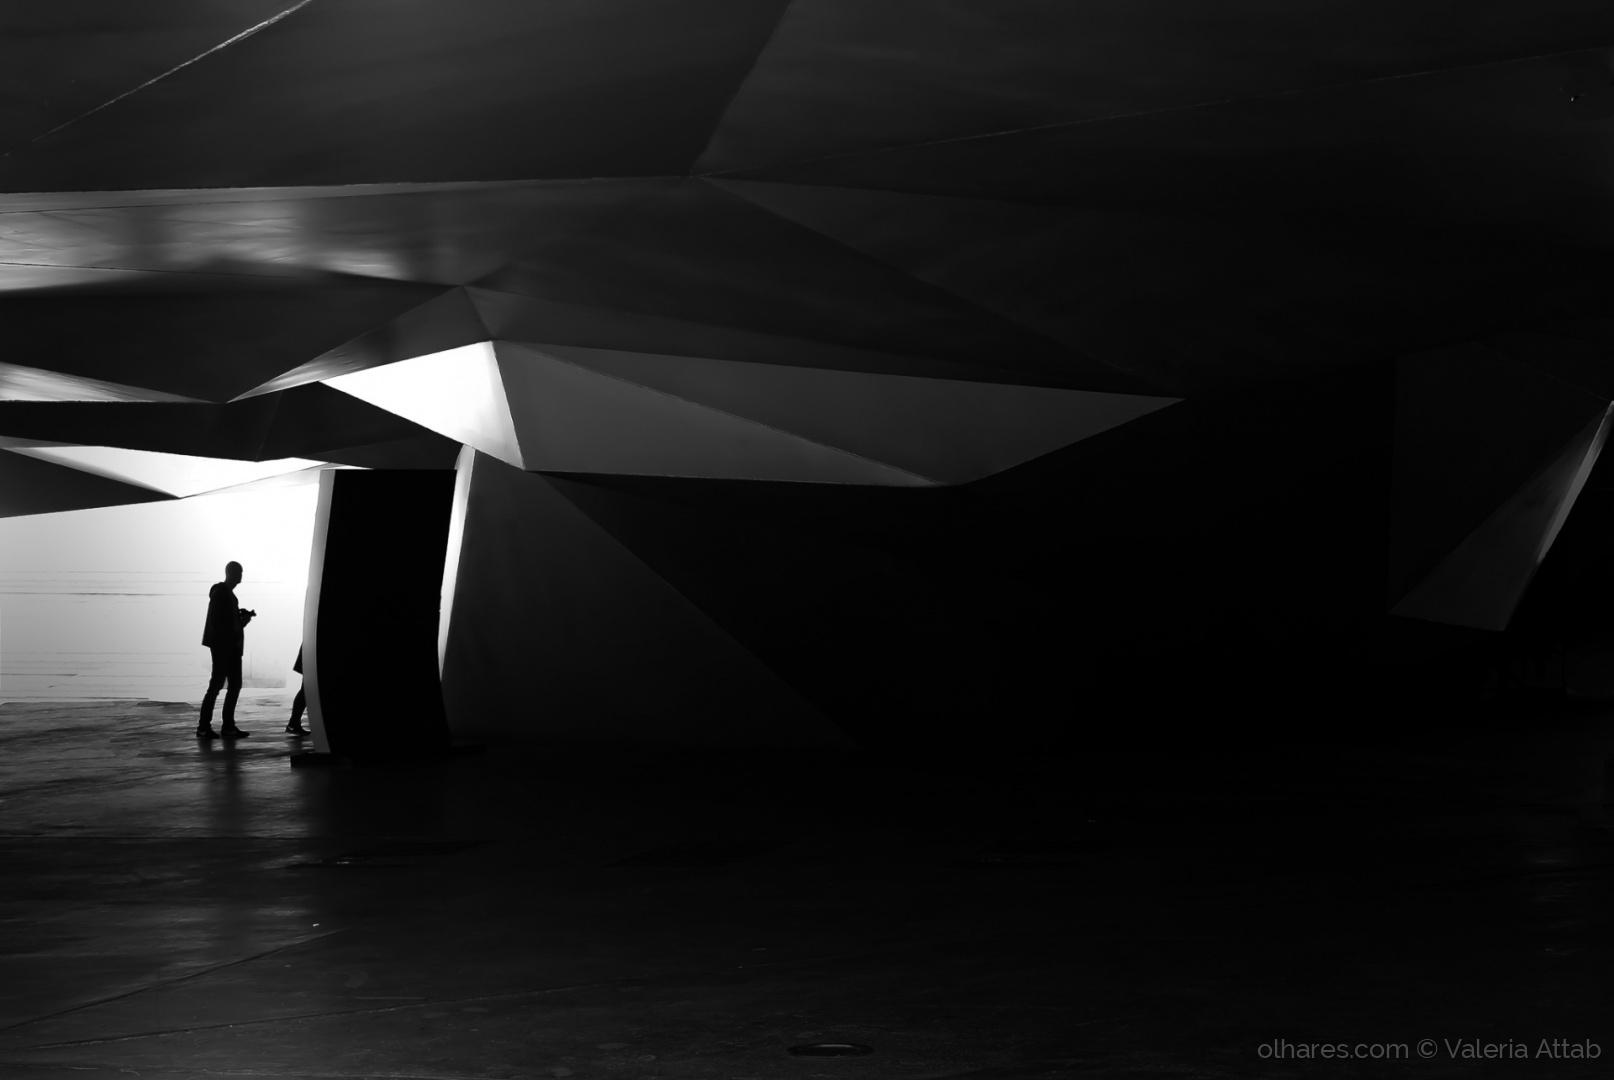 Arquitetura/arquiteura e forma...